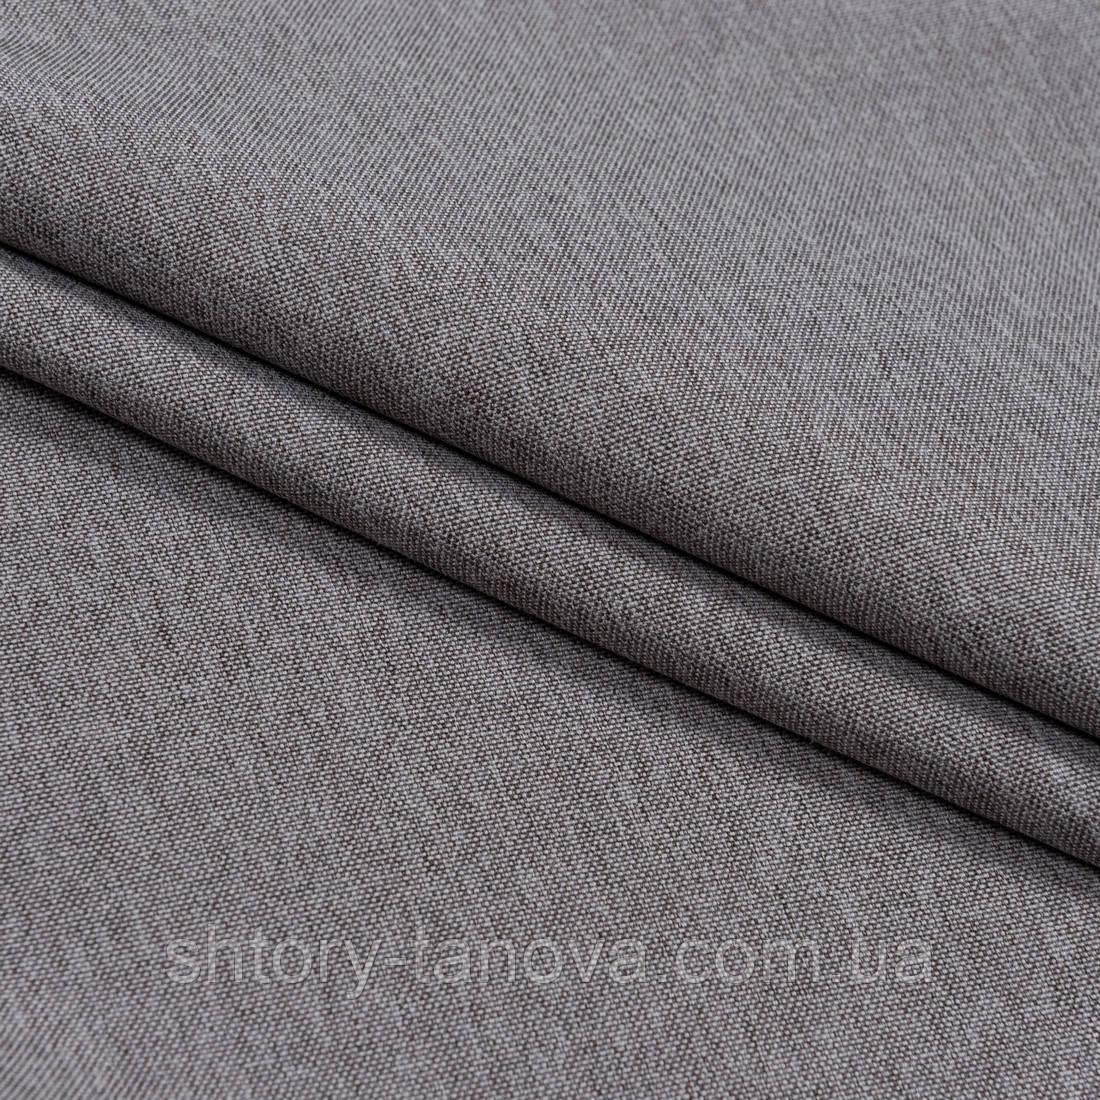 Декоративная ткань плотная рогожка  меланж коричневый